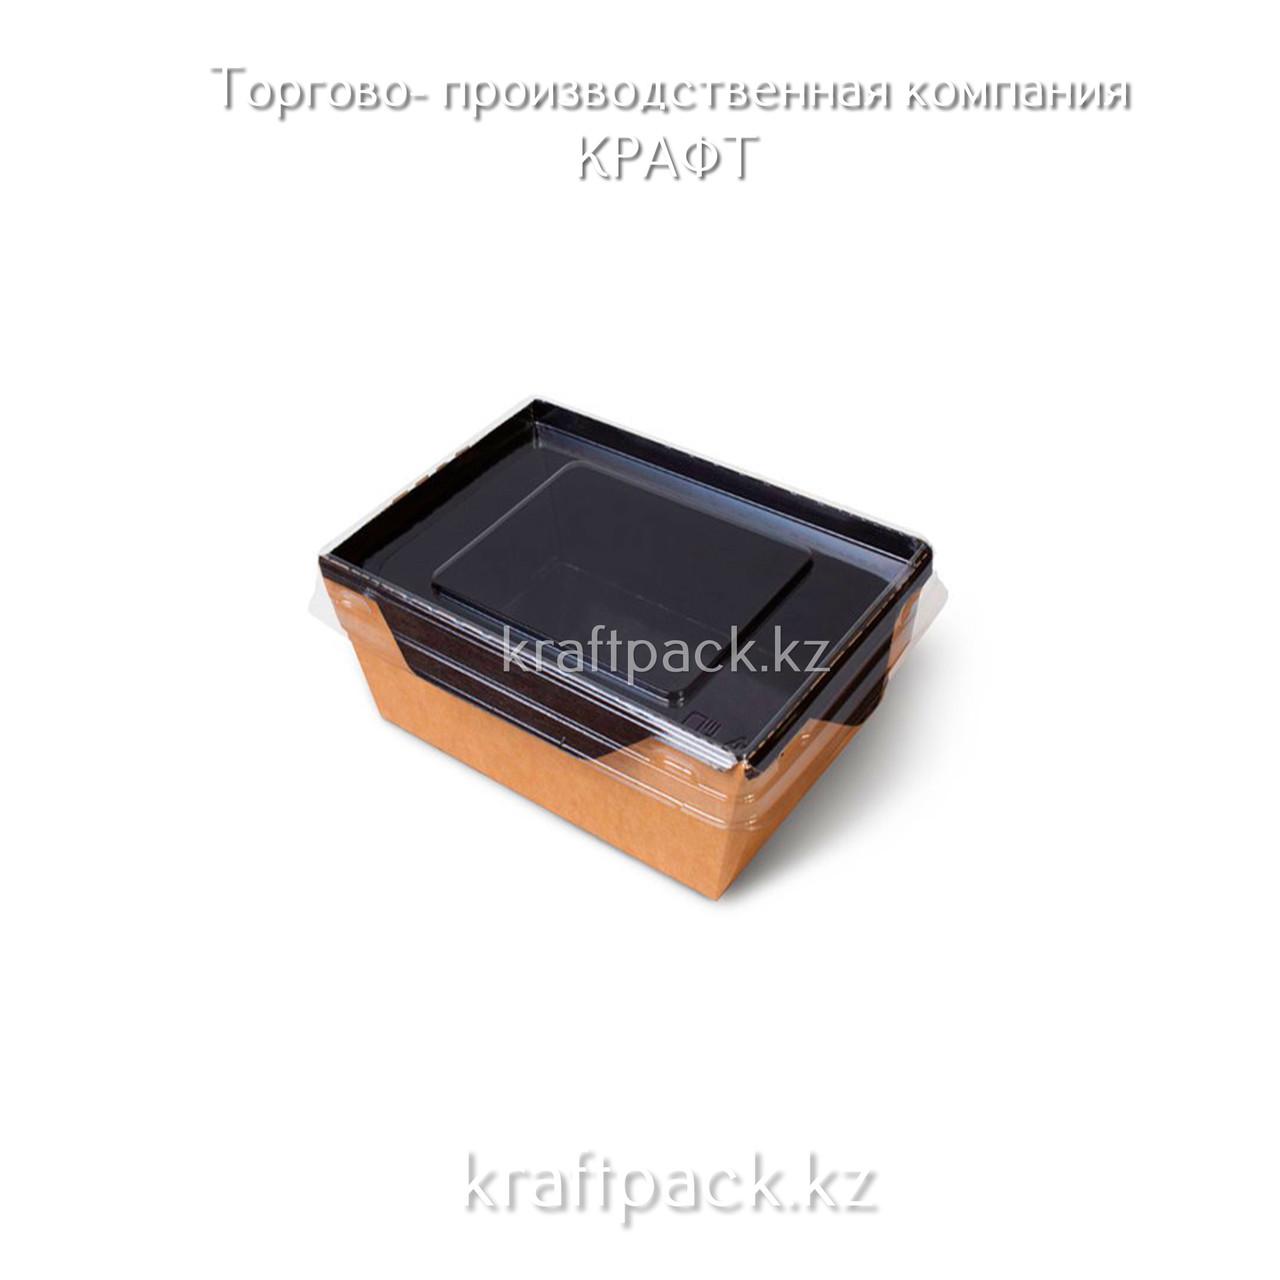 Контейнер, салатник с прозрачной крышкой  Black Edition 350мл 100*85*55  DoEco (50/350)